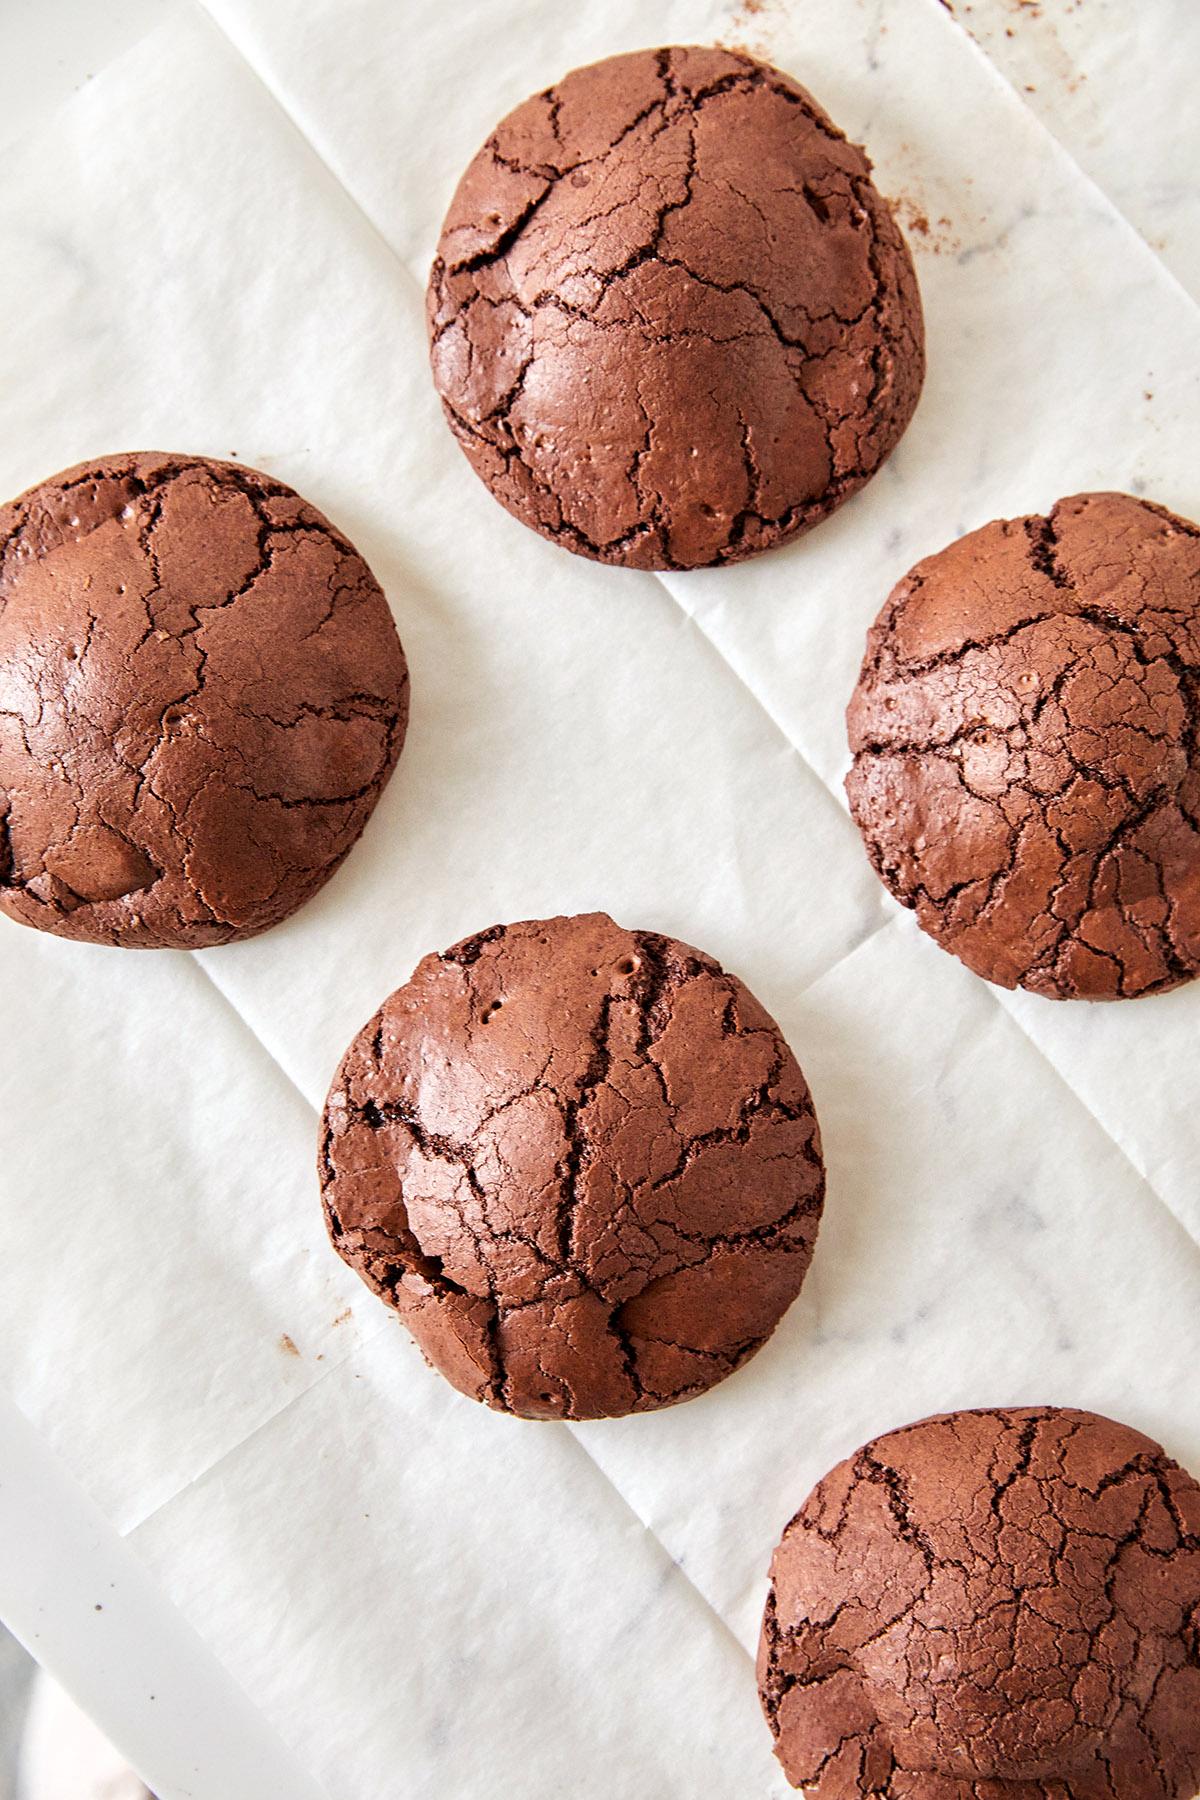 עוגיות בראוניז שוקולד וקוקוס ללא קמח. צילום: טל סיון צפורין